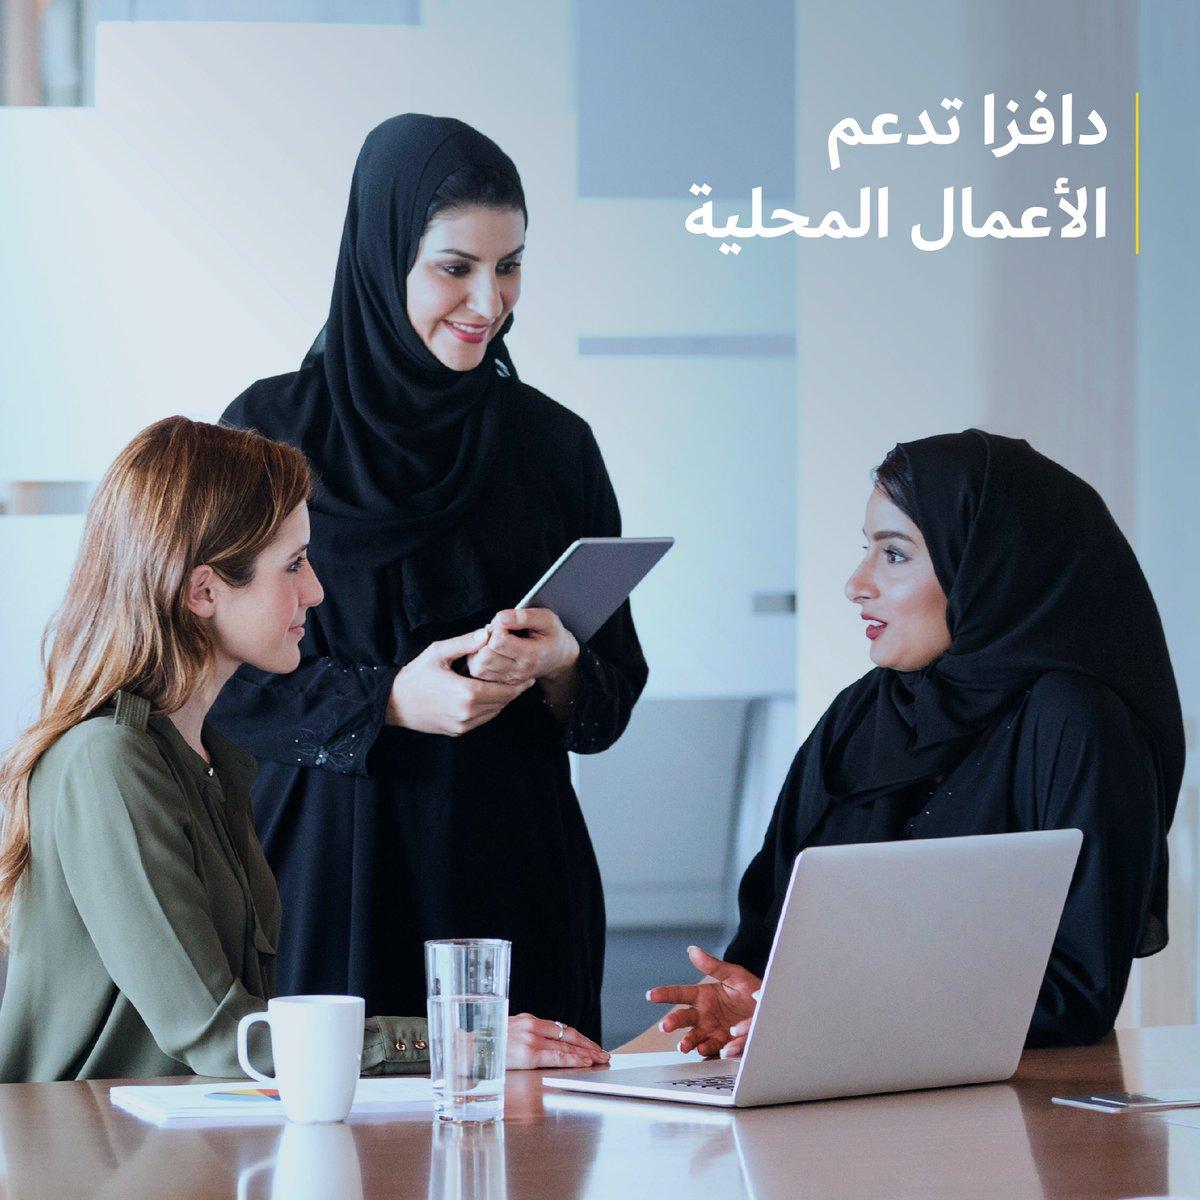 كجزء من استراتيجية دافزا للمسؤولية الوطنية المؤسسية، نشجع التعامل مع الموردين والمصادر الإماراتية الوطنية ونسعى لتحفيز شركائنا للمشاركة في الأنشطة والمبادرات الوطنية والاجتماعية.   #دافزا #المنطقة_الحرة_بمطار_دبي https://t.co/1XgPe773yB